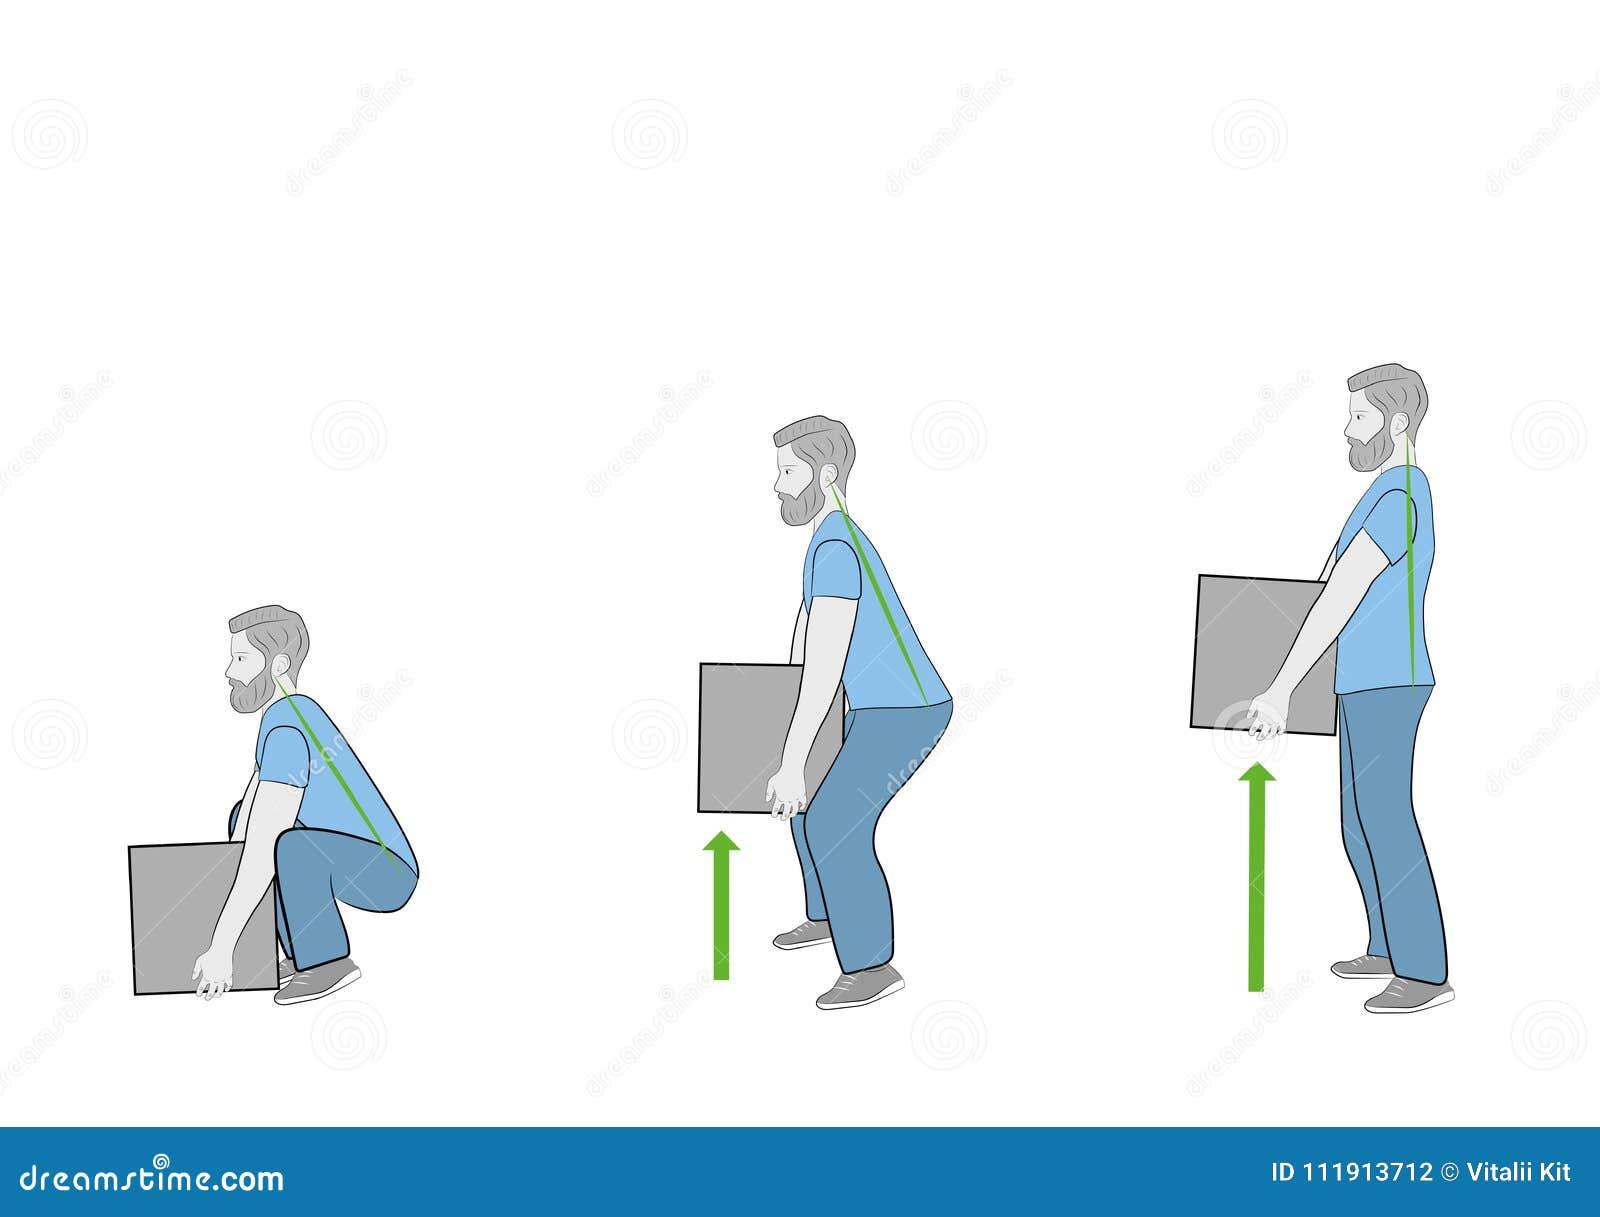 Posizione corretta per sollevare sicuro un oggetto pesante Illustrazione della sanità Illustrazione di vettore